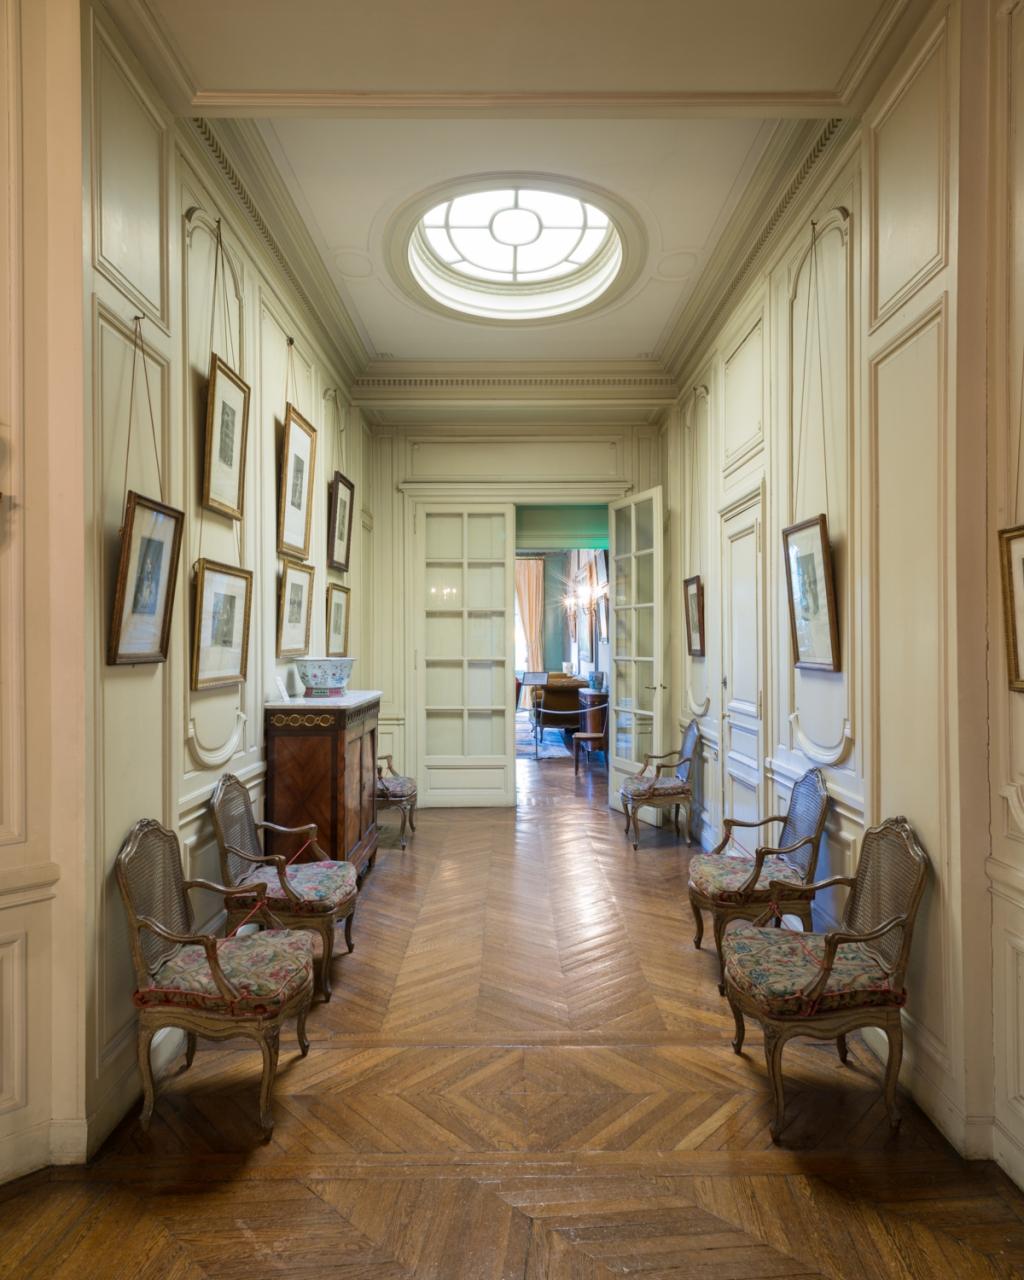 FRANÇOIS CAVELIER Musée de Nissim de Camondo. Paris. MONOCLE